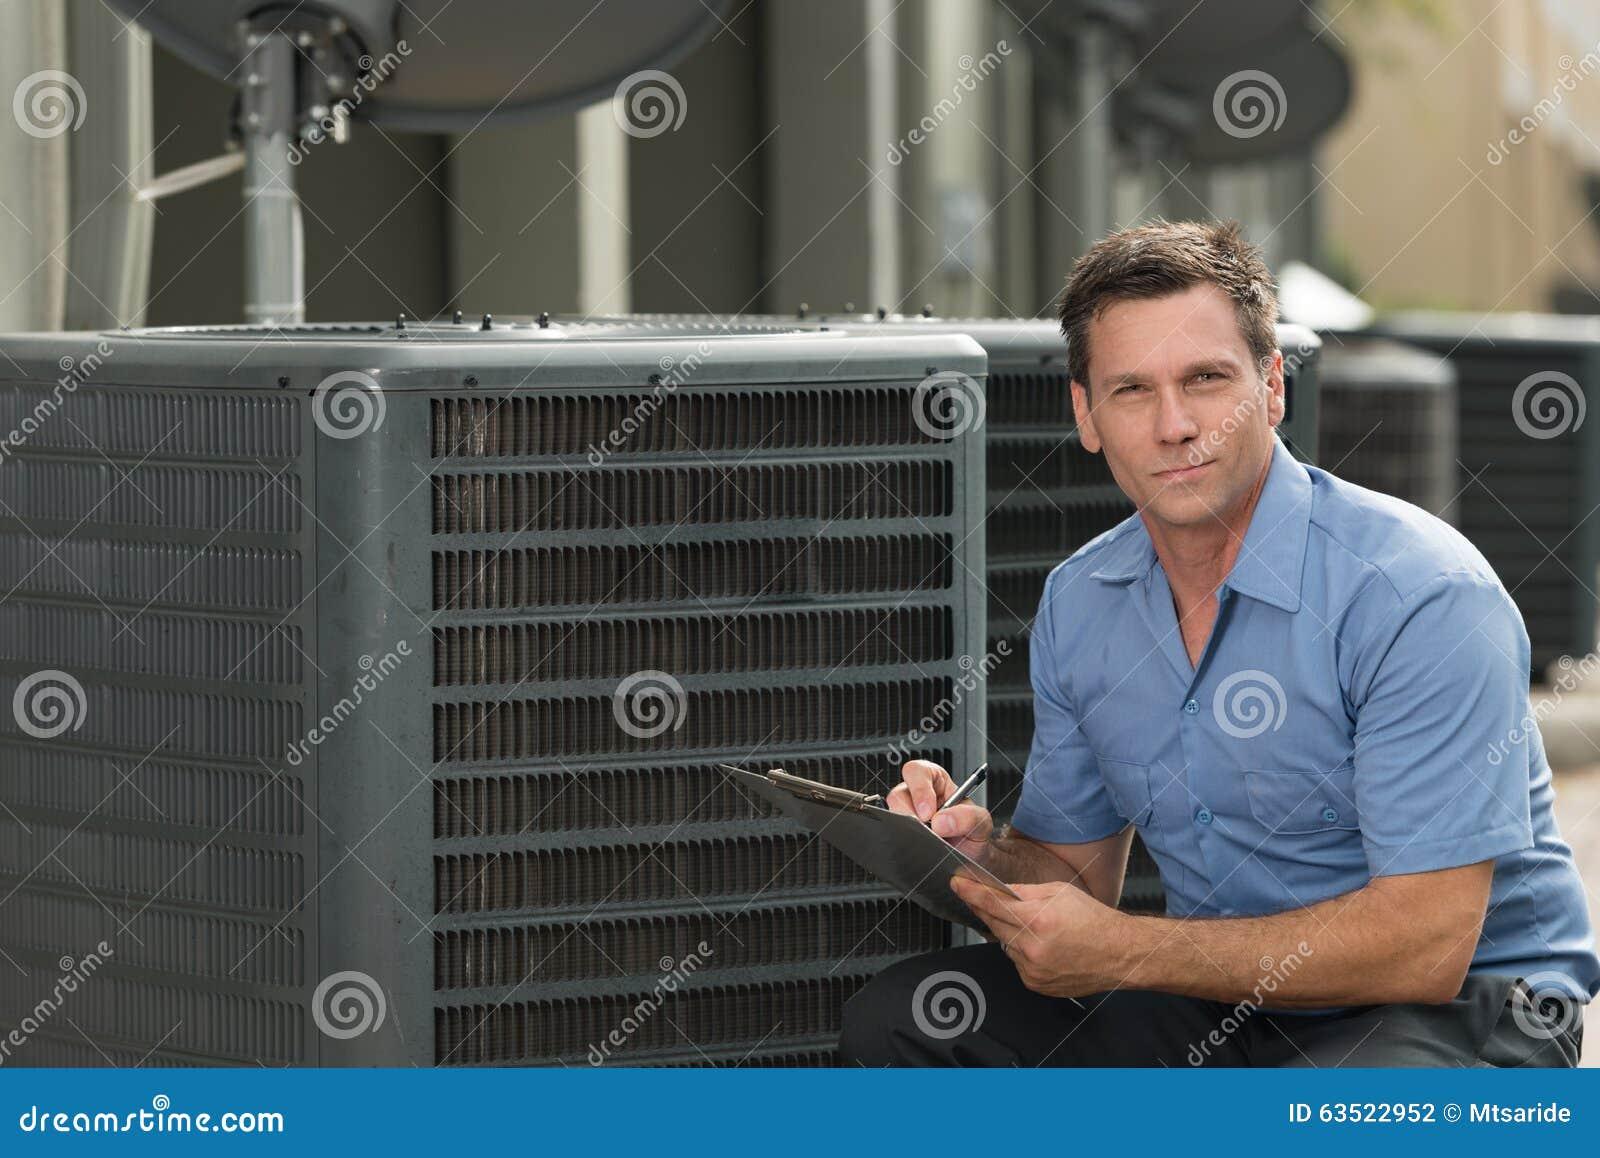 空调安装工